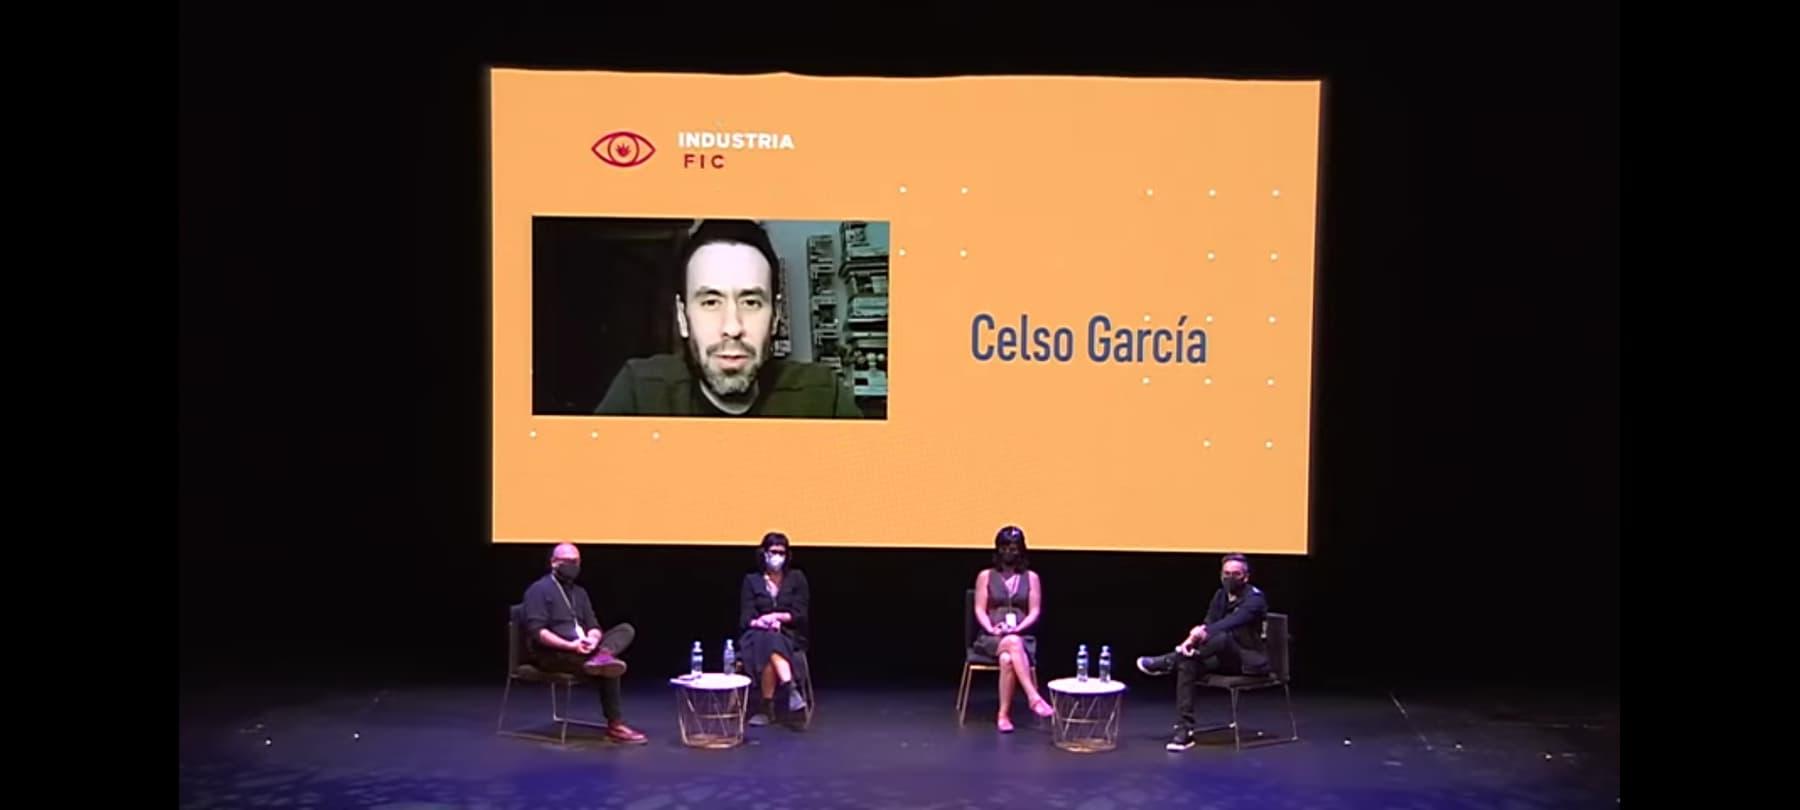 La importancia de la identidad en el cine mexicano para contar historias